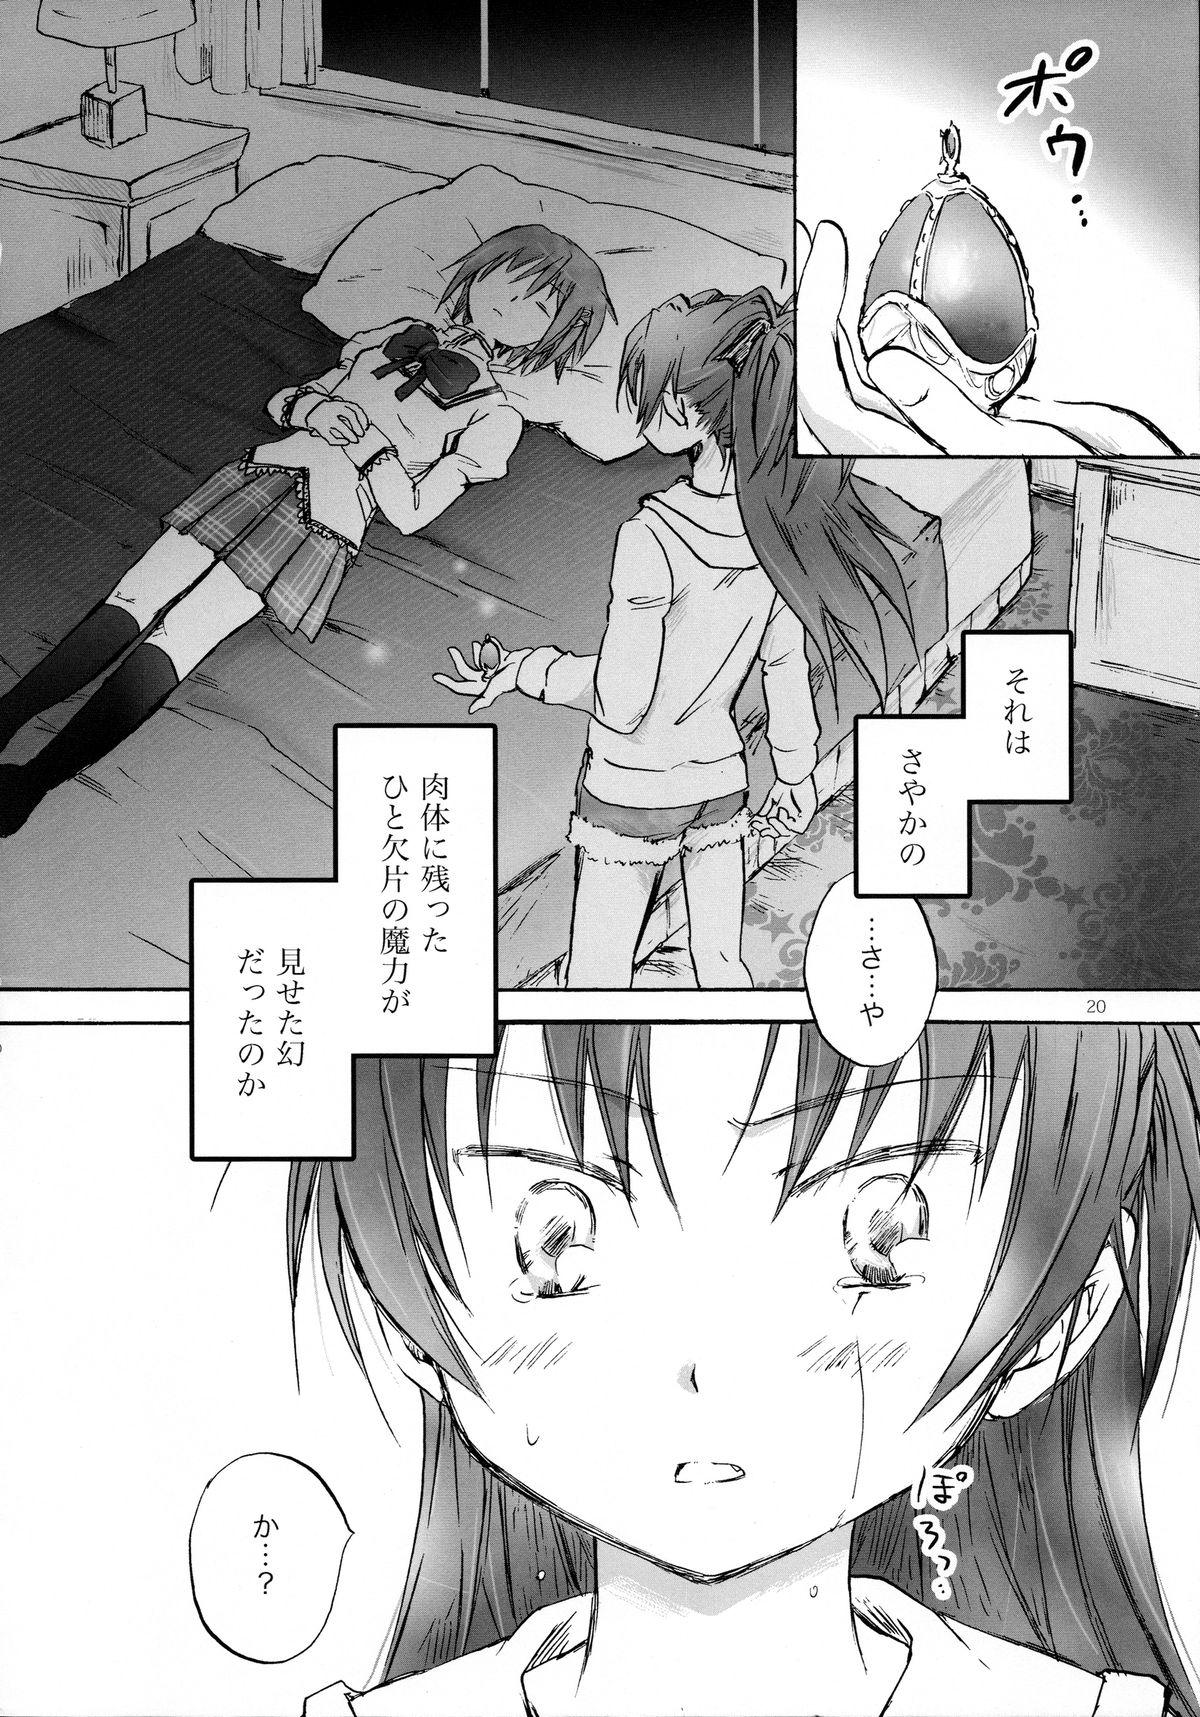 Kimi ga Hohoemu Yume wo Mita 18